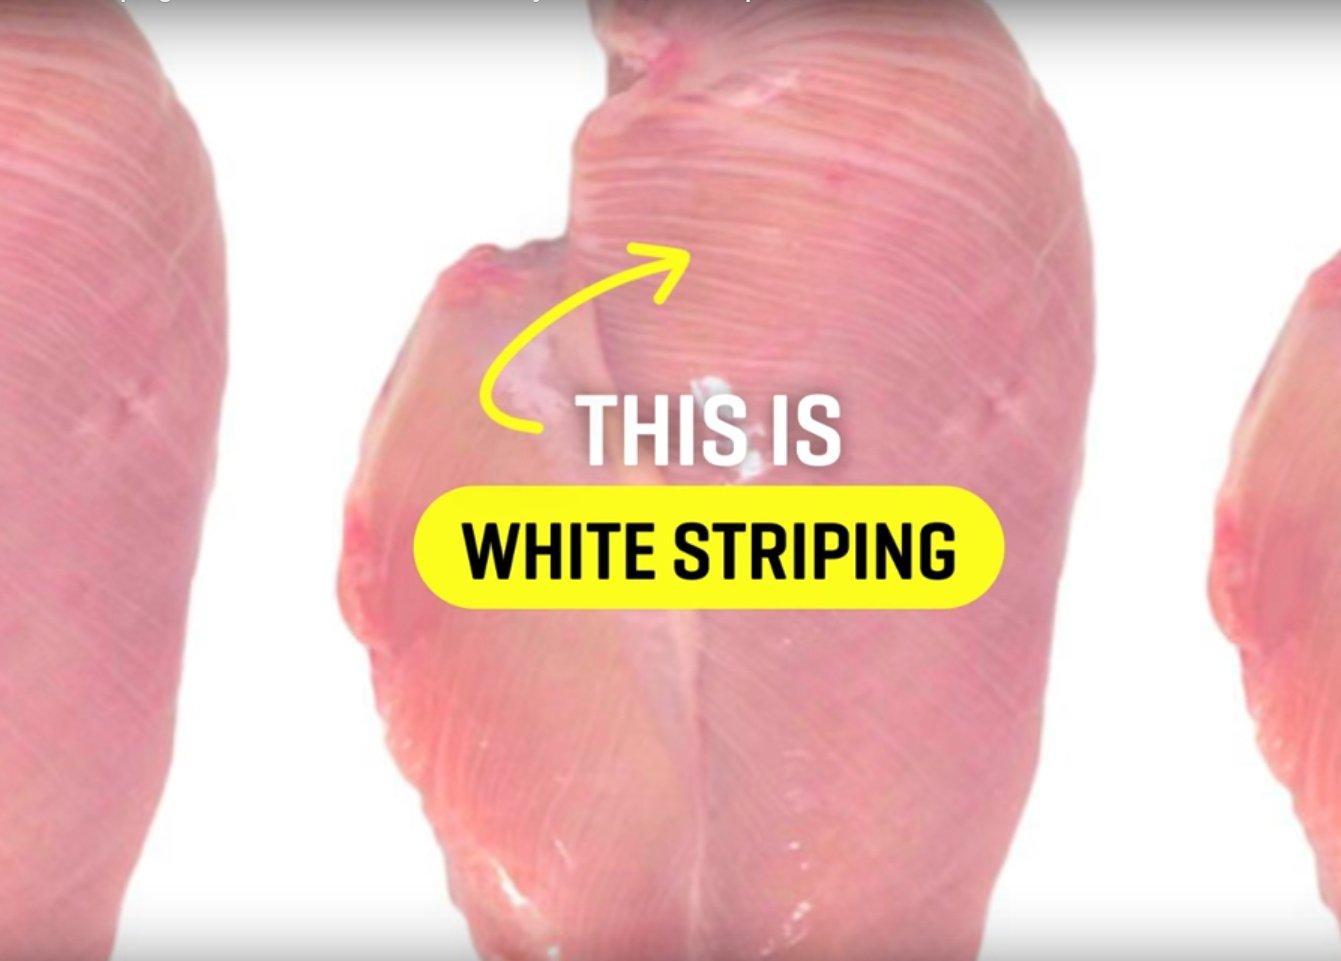 White Striping